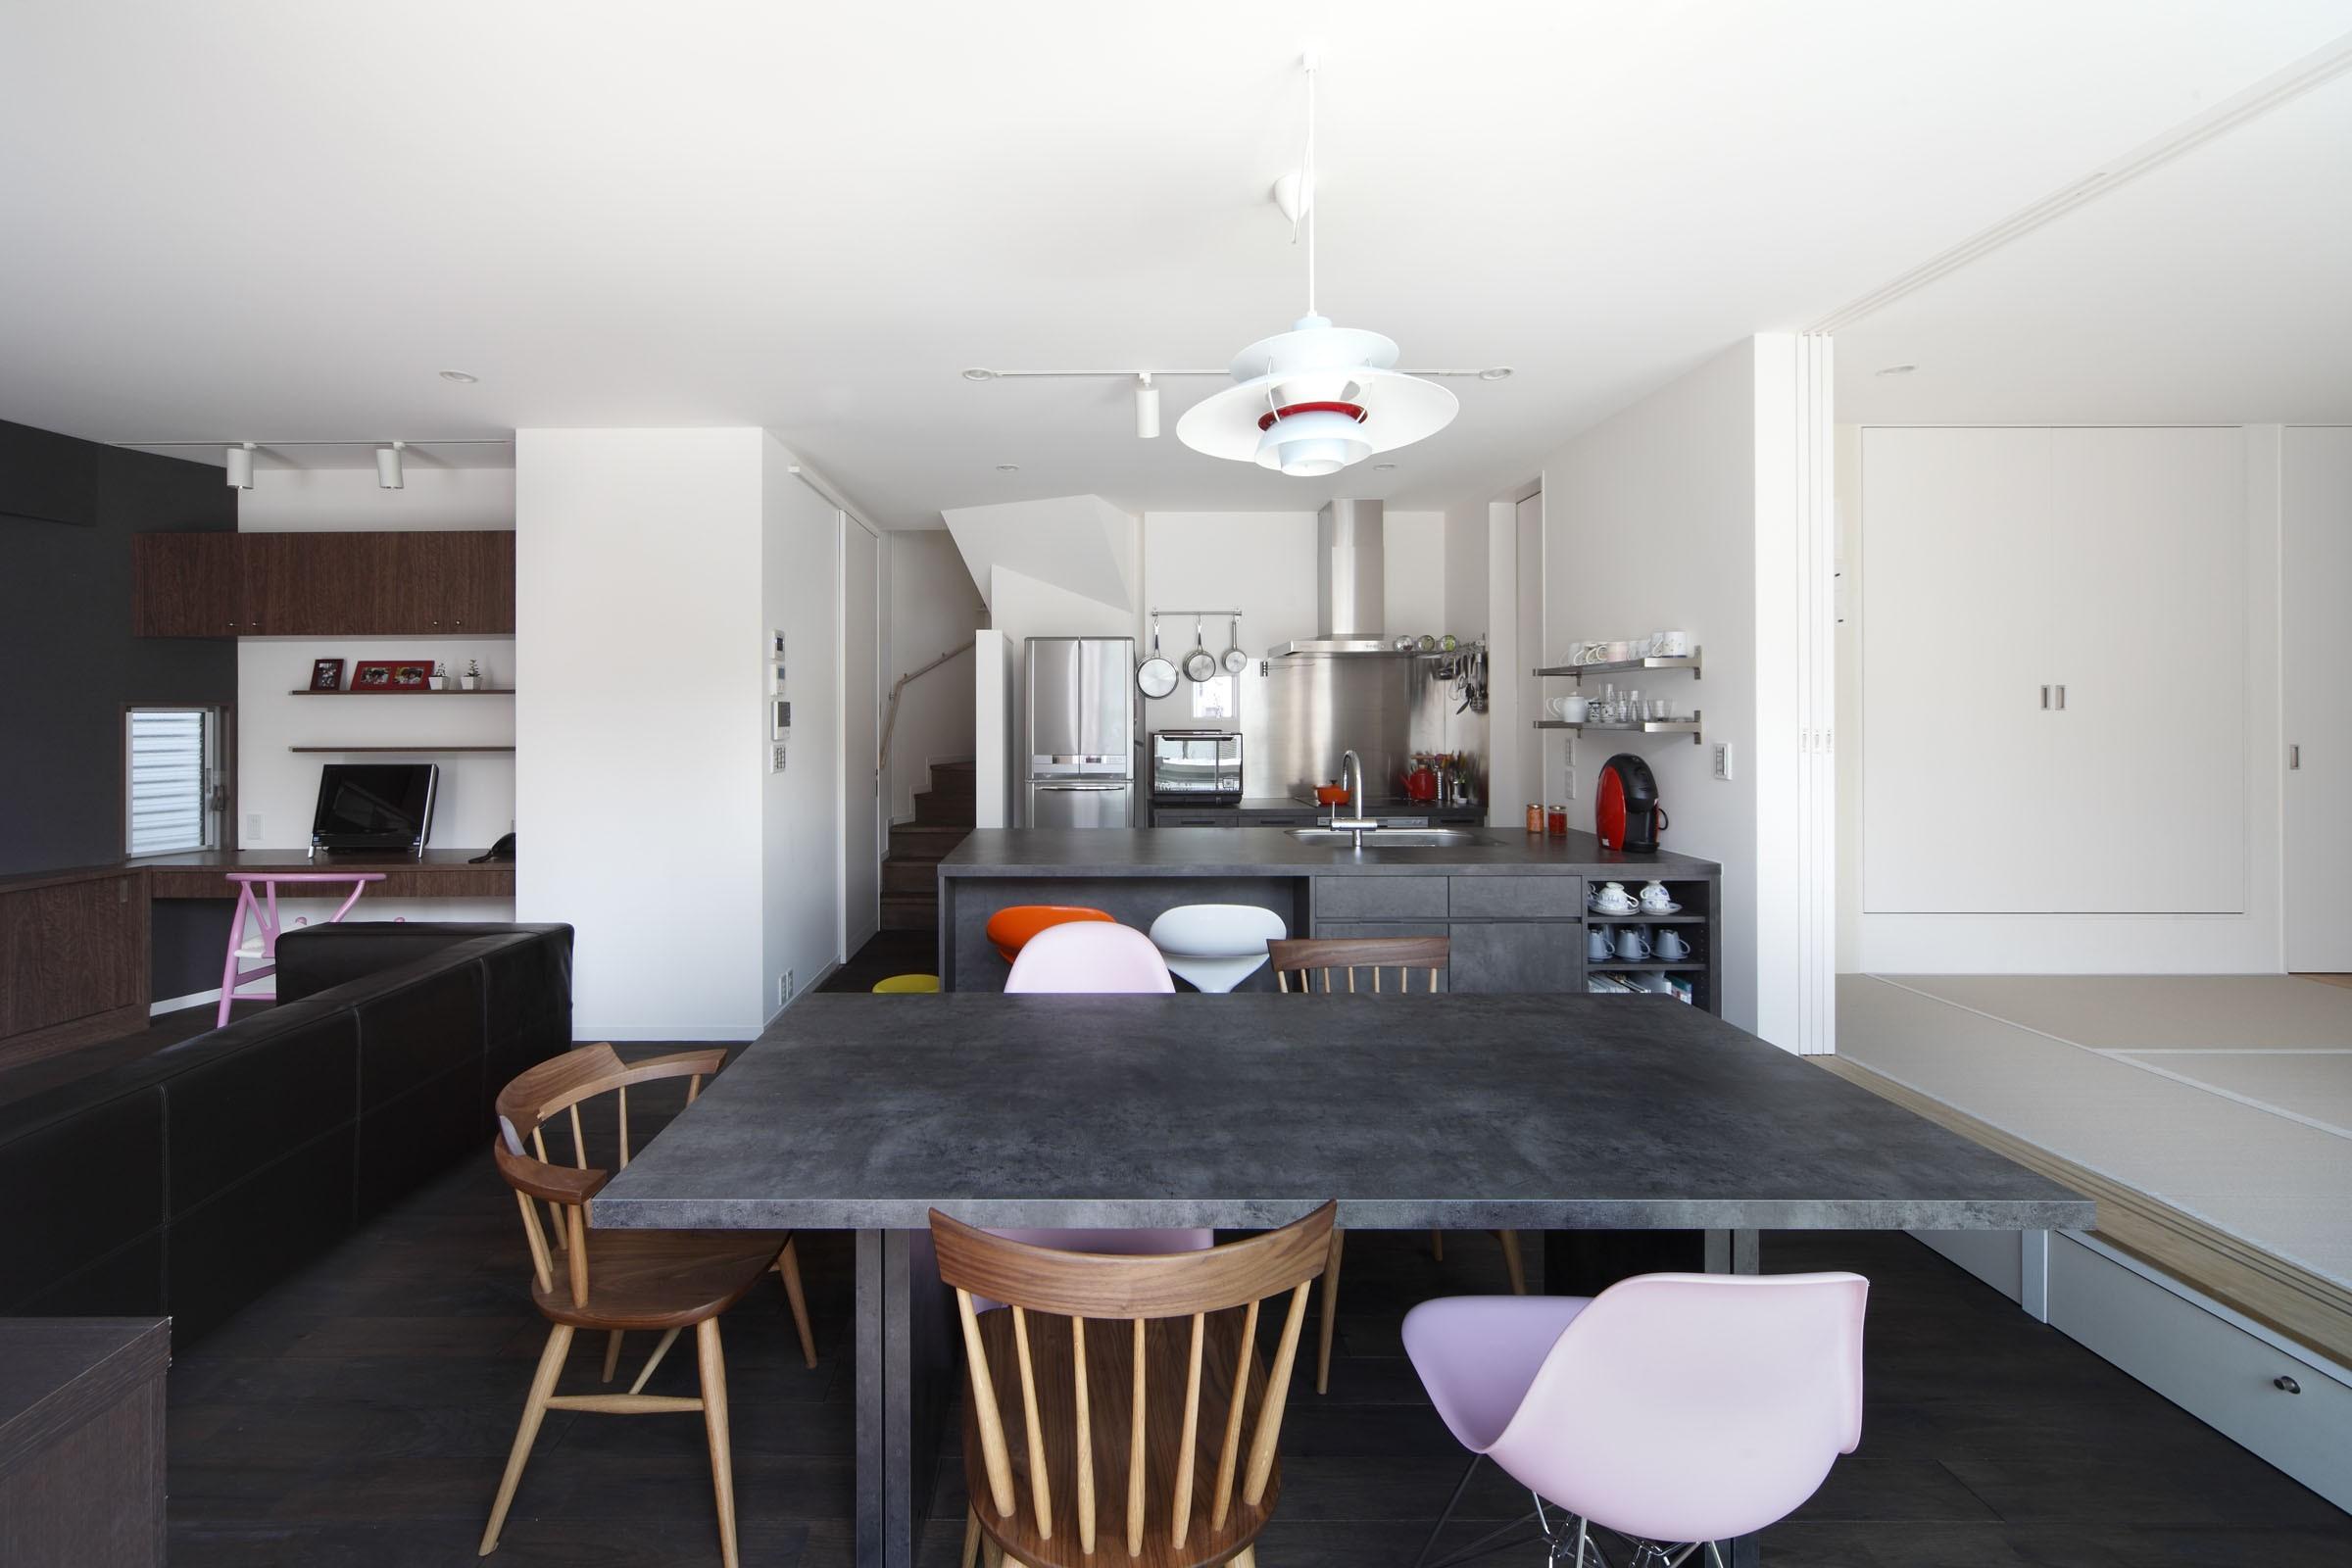 キッチン事例:ダイニングキッチン(あちこちでお茶できる家 -土間のある玄関-)